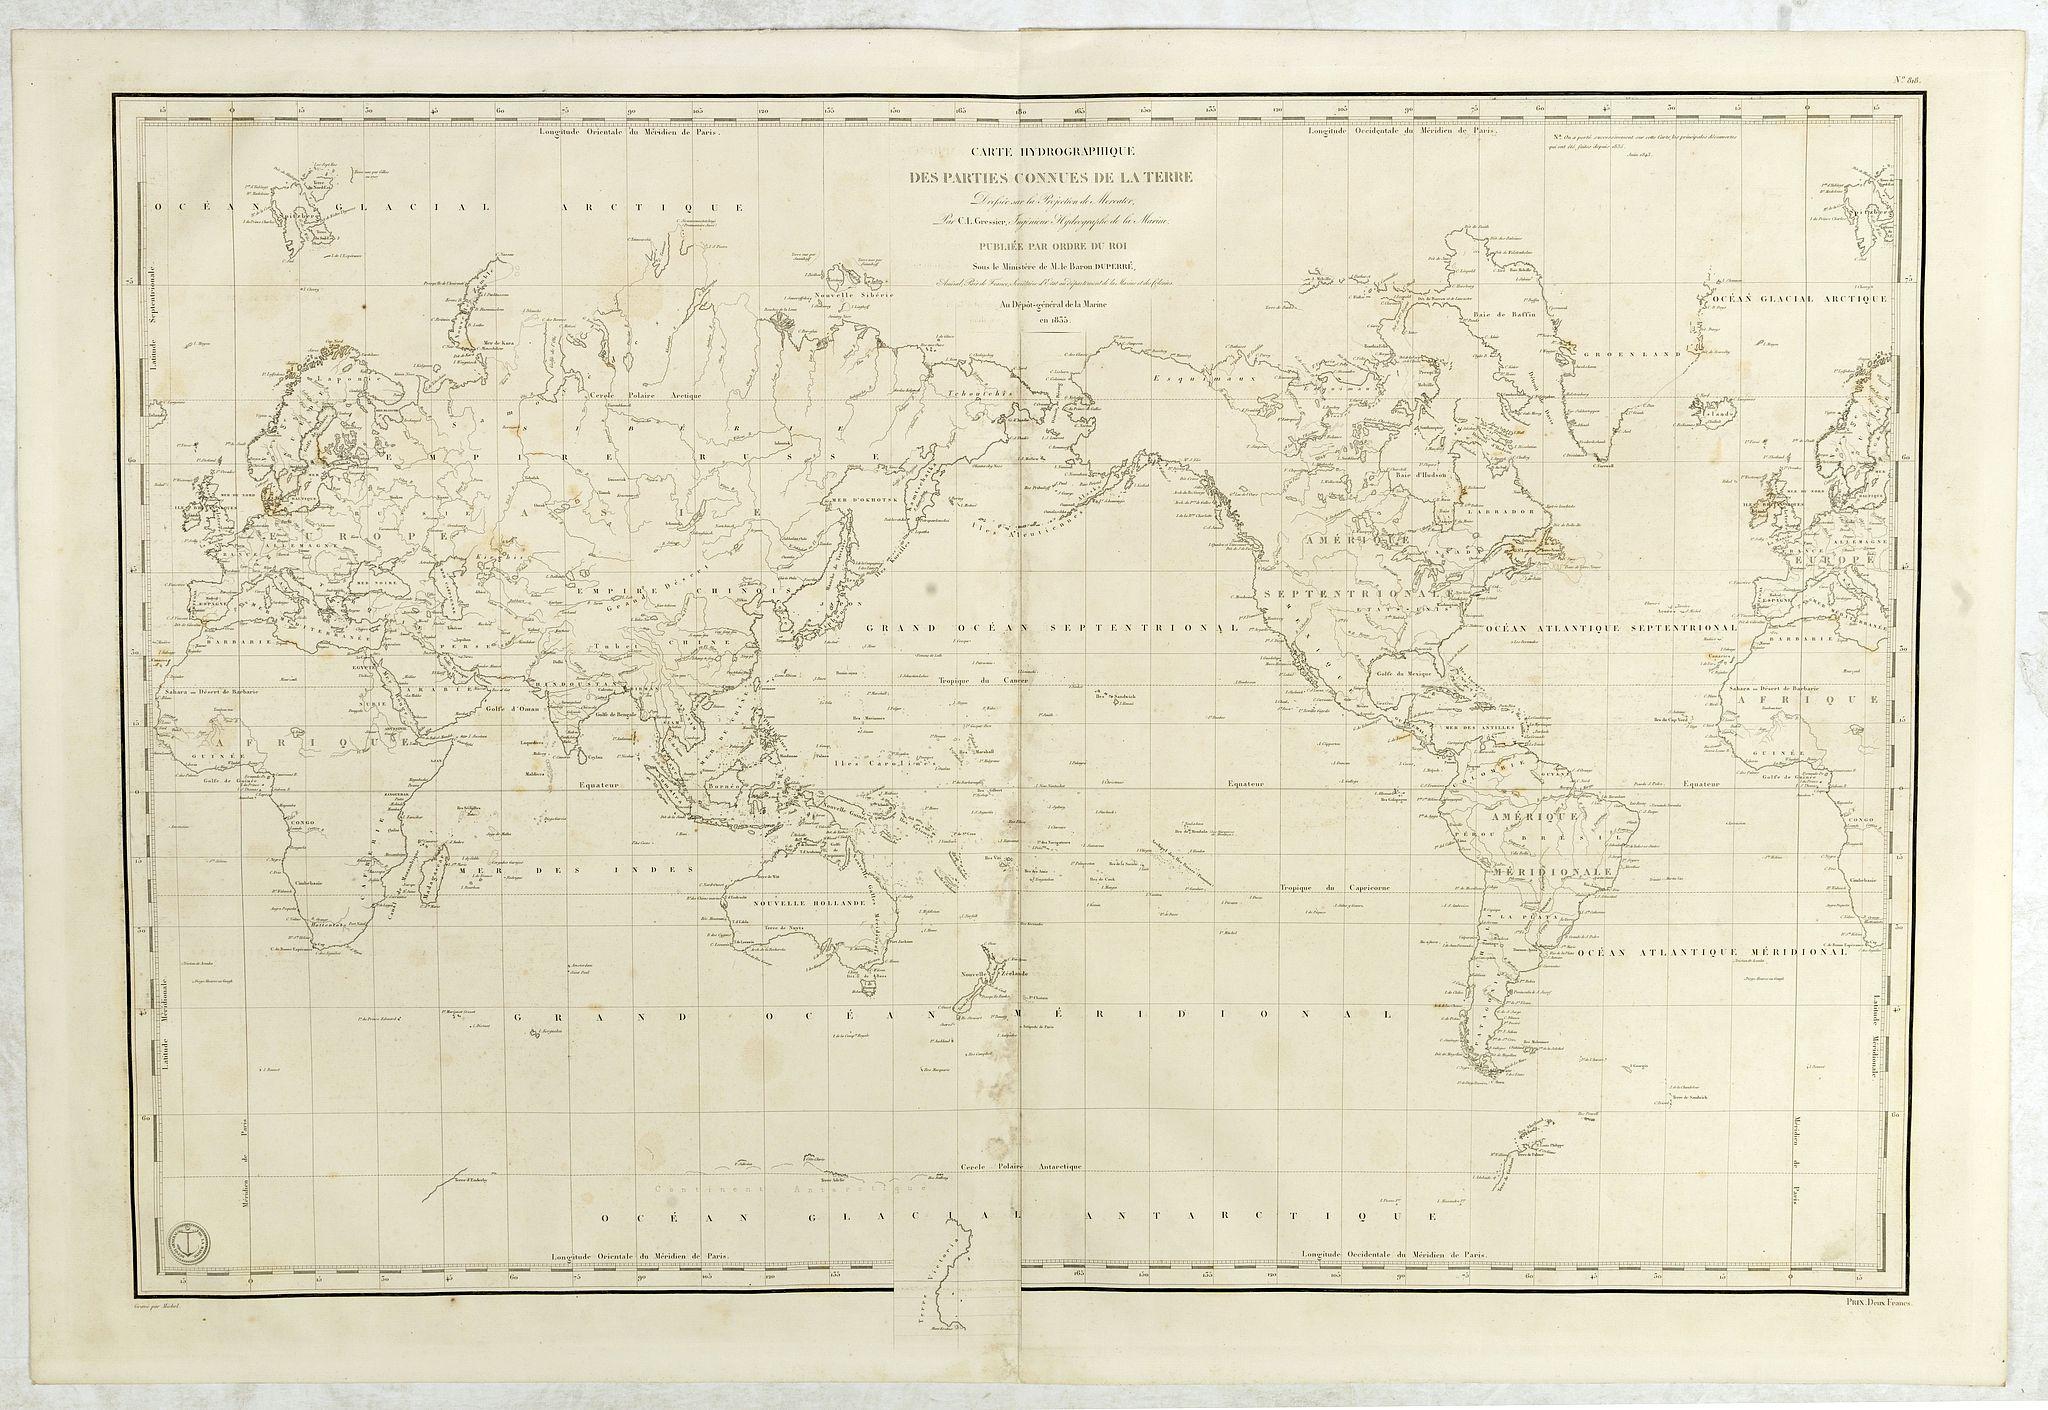 DÉPÔT GÉNÉRAL DE LA MARINE. -  Carte Hydrographique des parties connues de la terre dressée sous la projection de Mercator par Gressier.